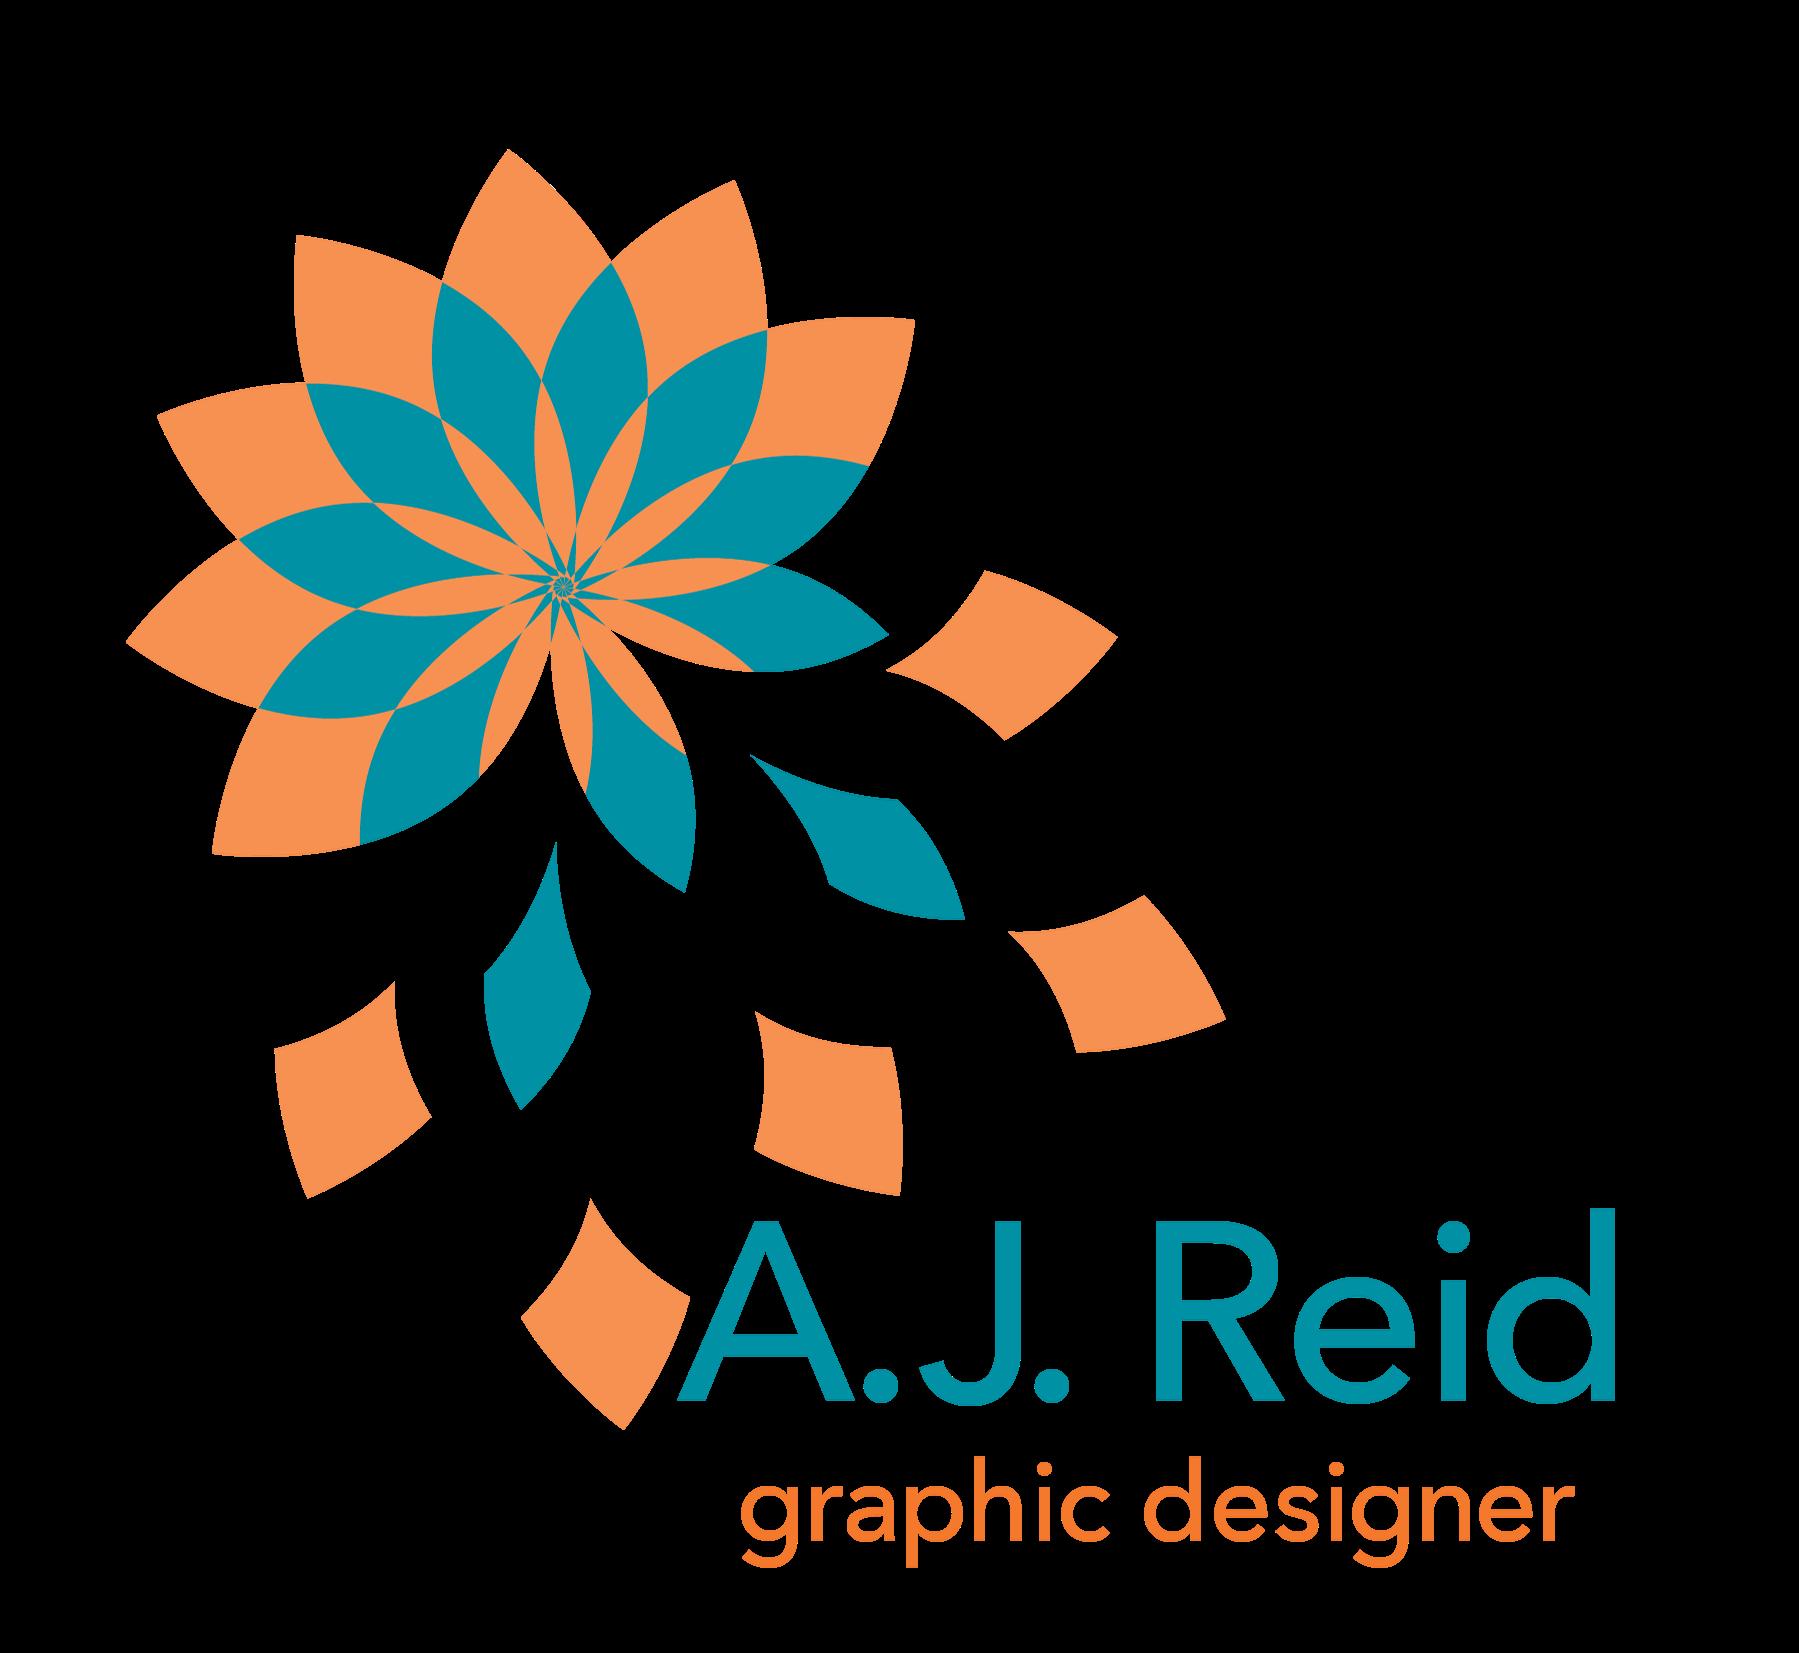 A.J. Reid